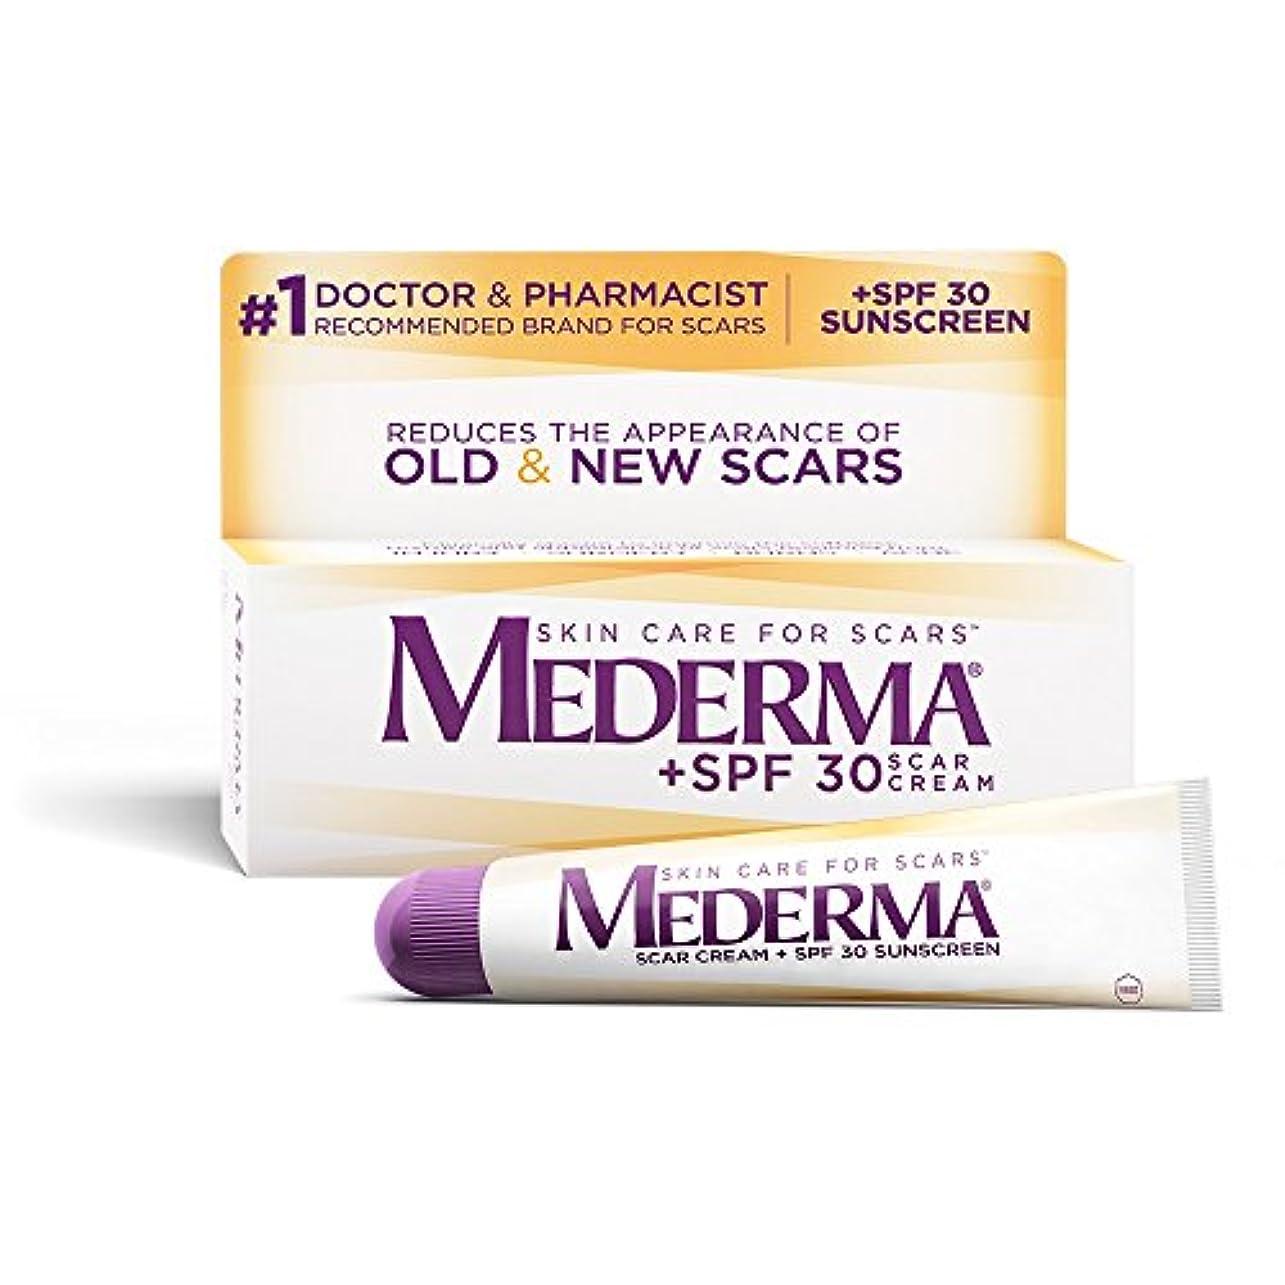 ジュース崇拝する達成Mederma 社 日焼け止め成分SPF30配合 メドロマ(メデルマ) 1本 20g Mederma Scar Cream Plus SPF 30